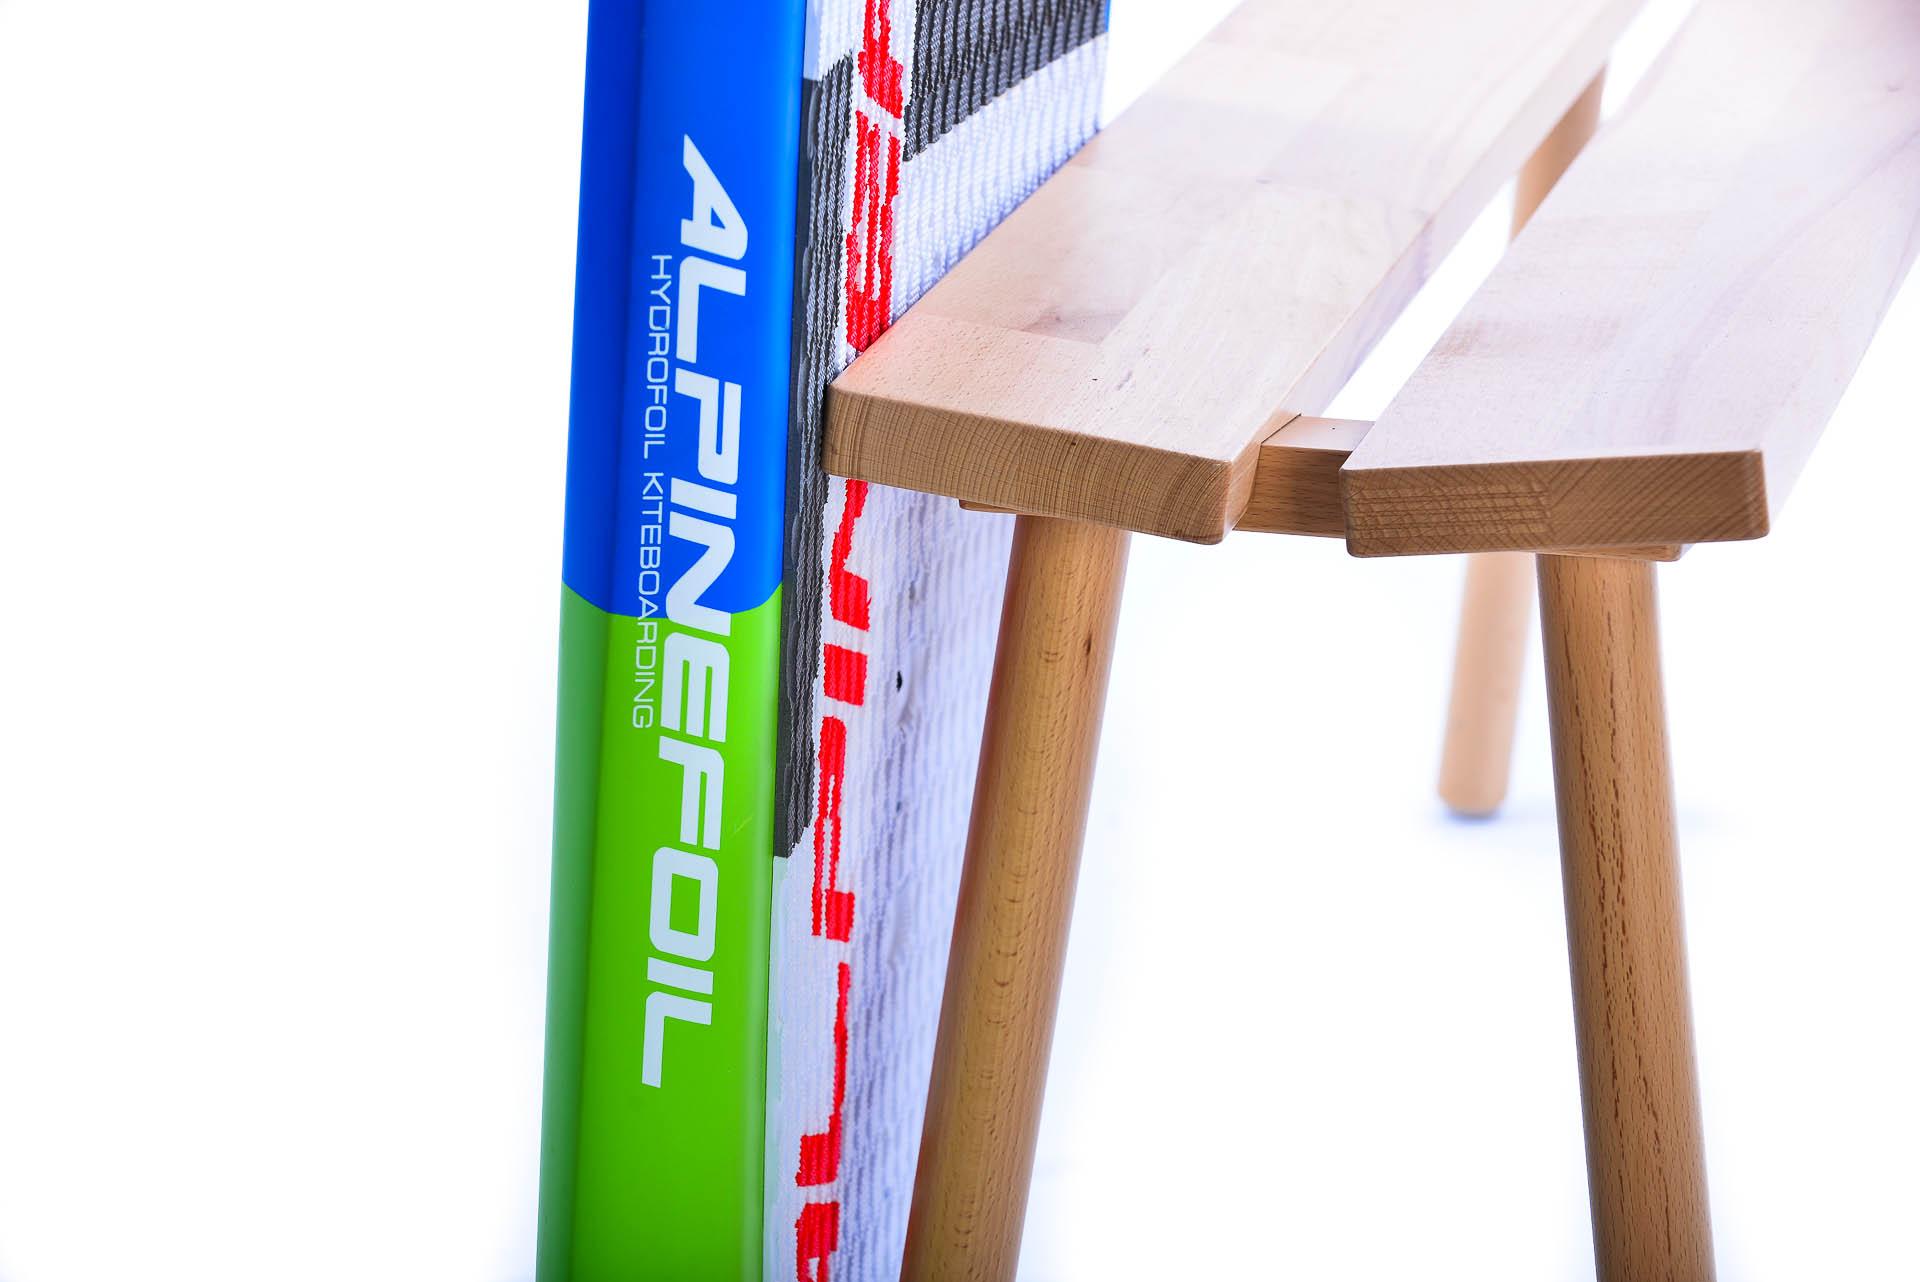 Kitefoil board alpinefoil 9396